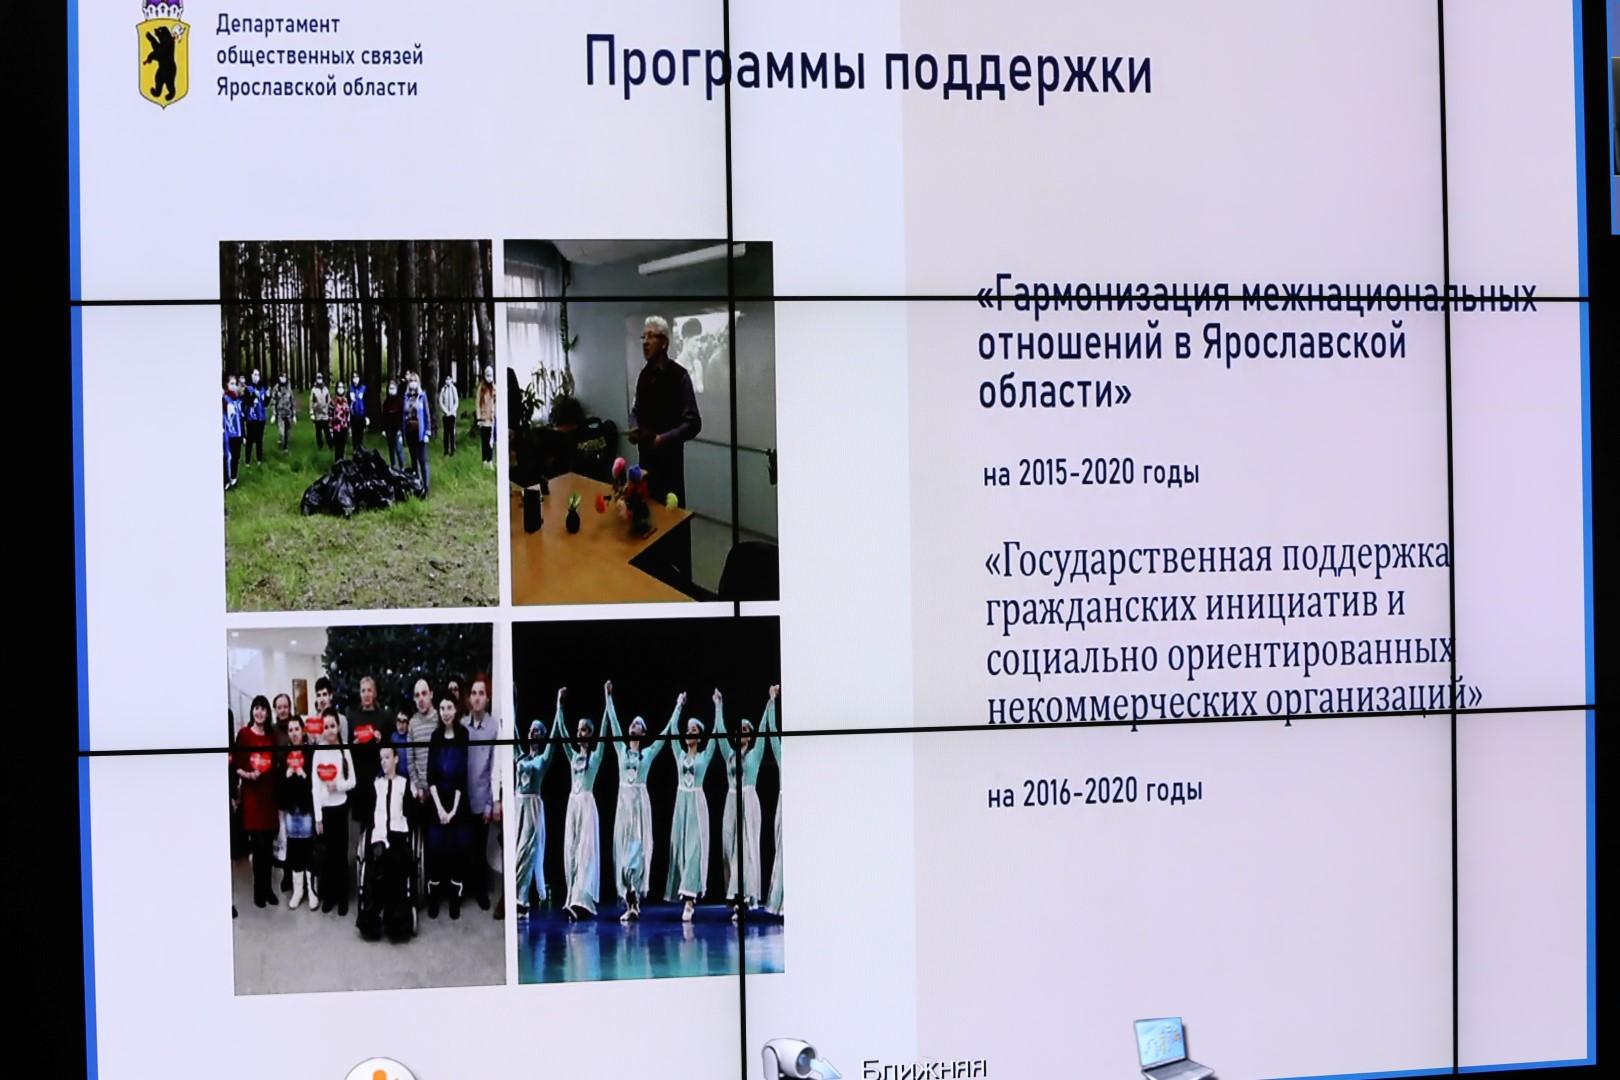 70 тысяч ярославцев участвуют в проектах социально ориентированных некоммерческих организаций